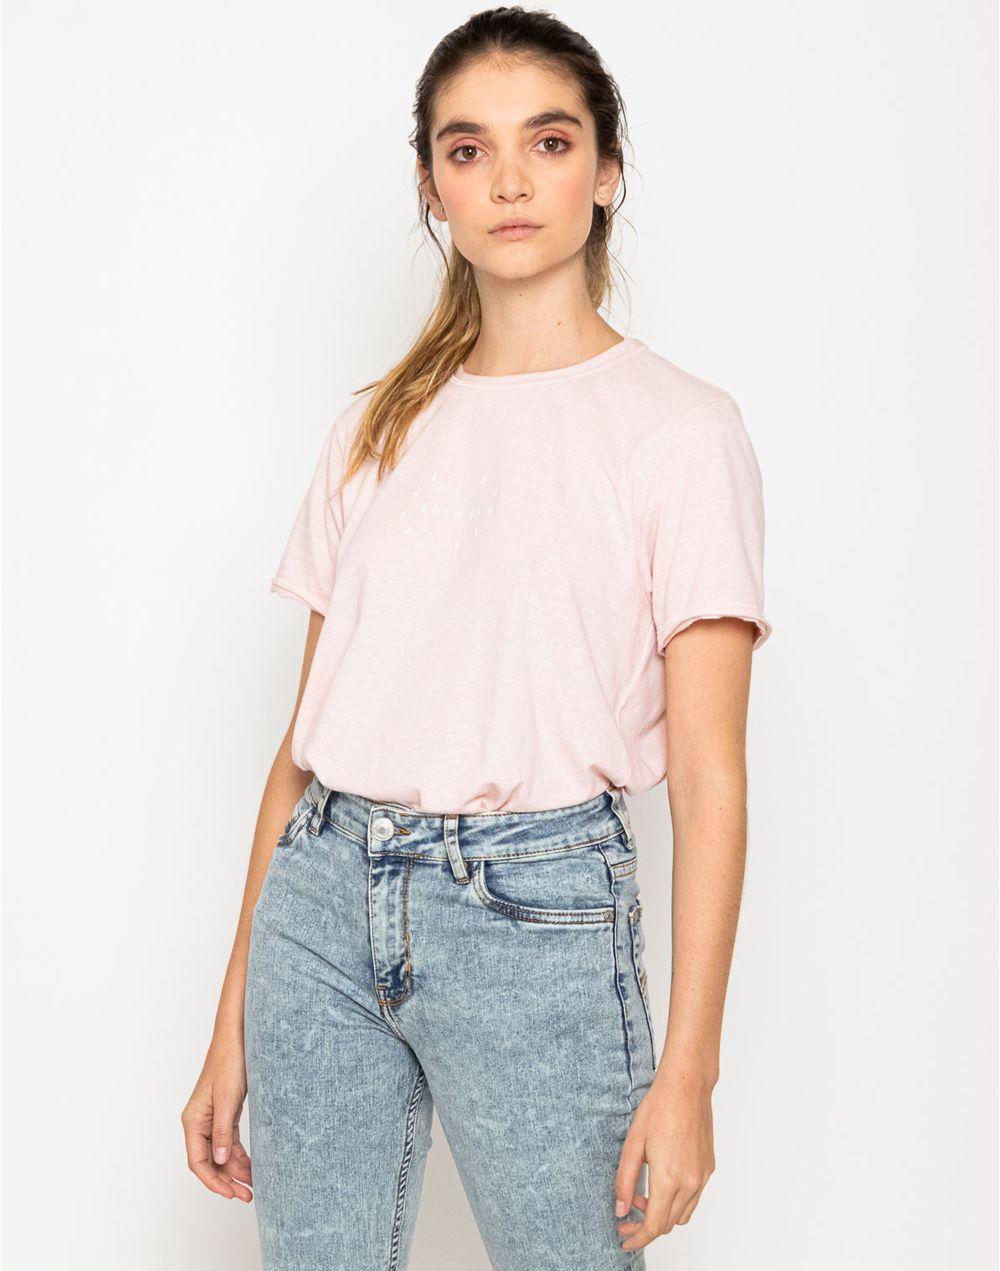 camiseta-180239-rosado-1.jpg